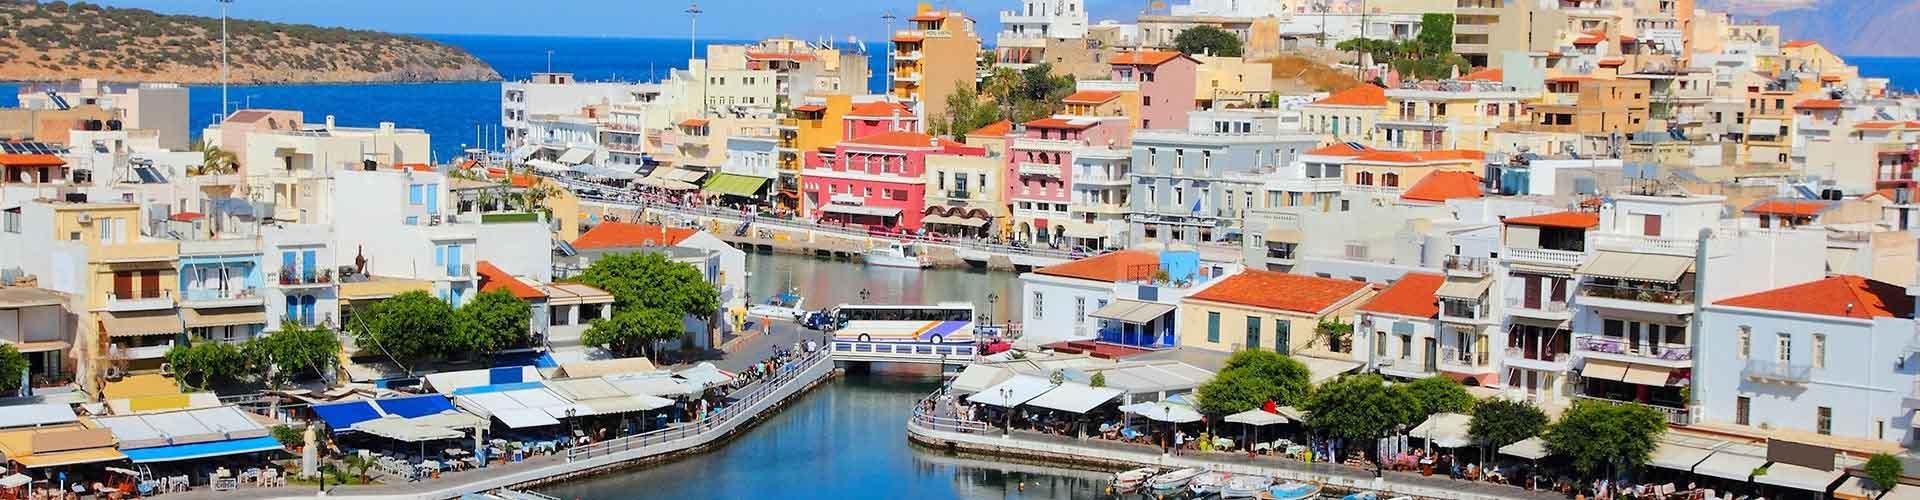 Isla de Creta - Hoteles baratos en Isla de Creta. Mapas de Isla de Creta, Fotos y comentarios de cada Hotel en Isla de Creta.